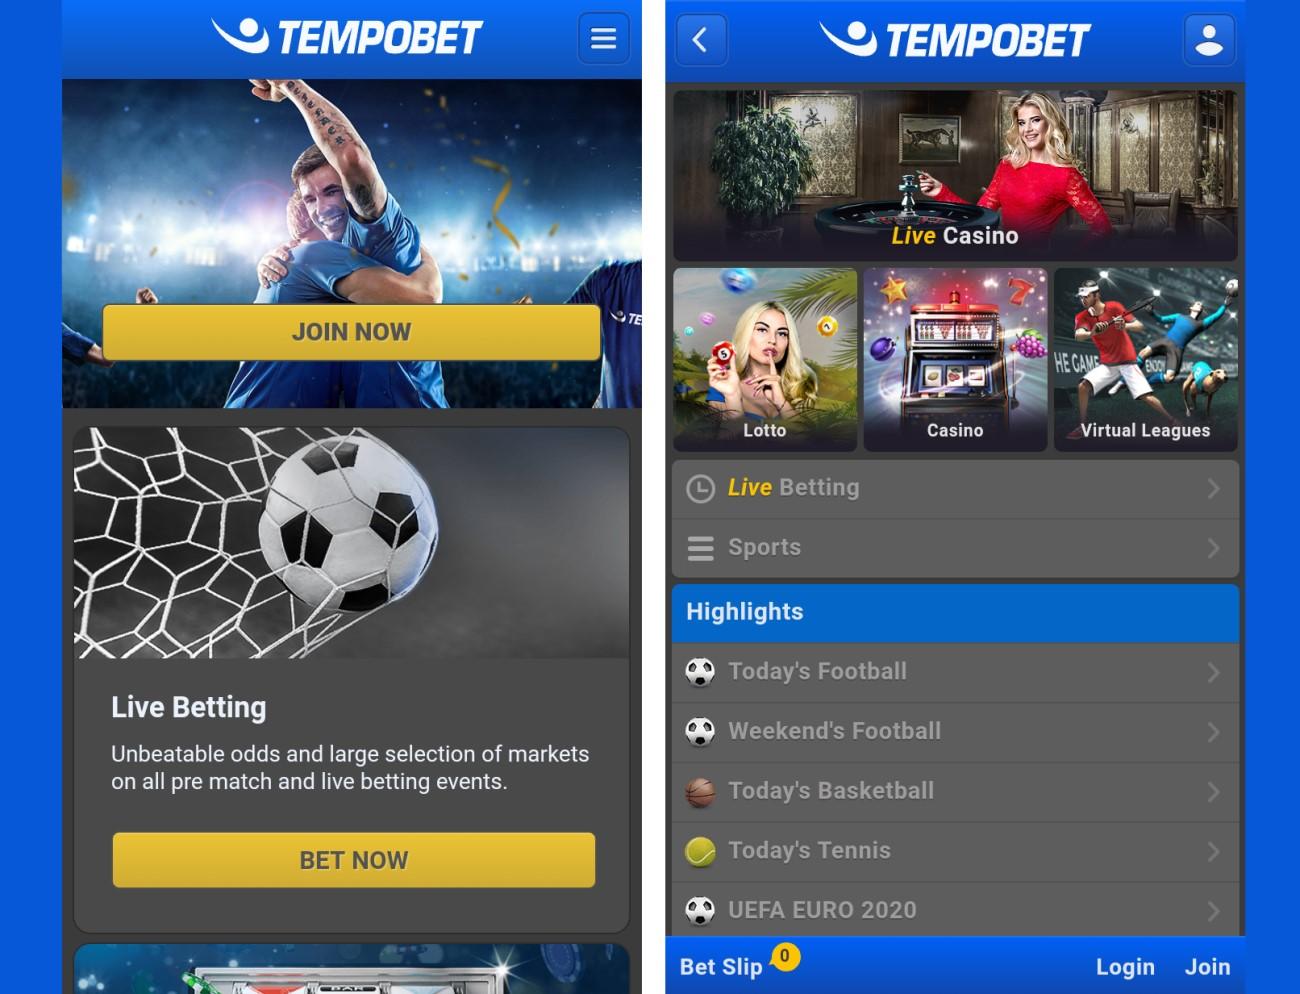 Tempobet mobile